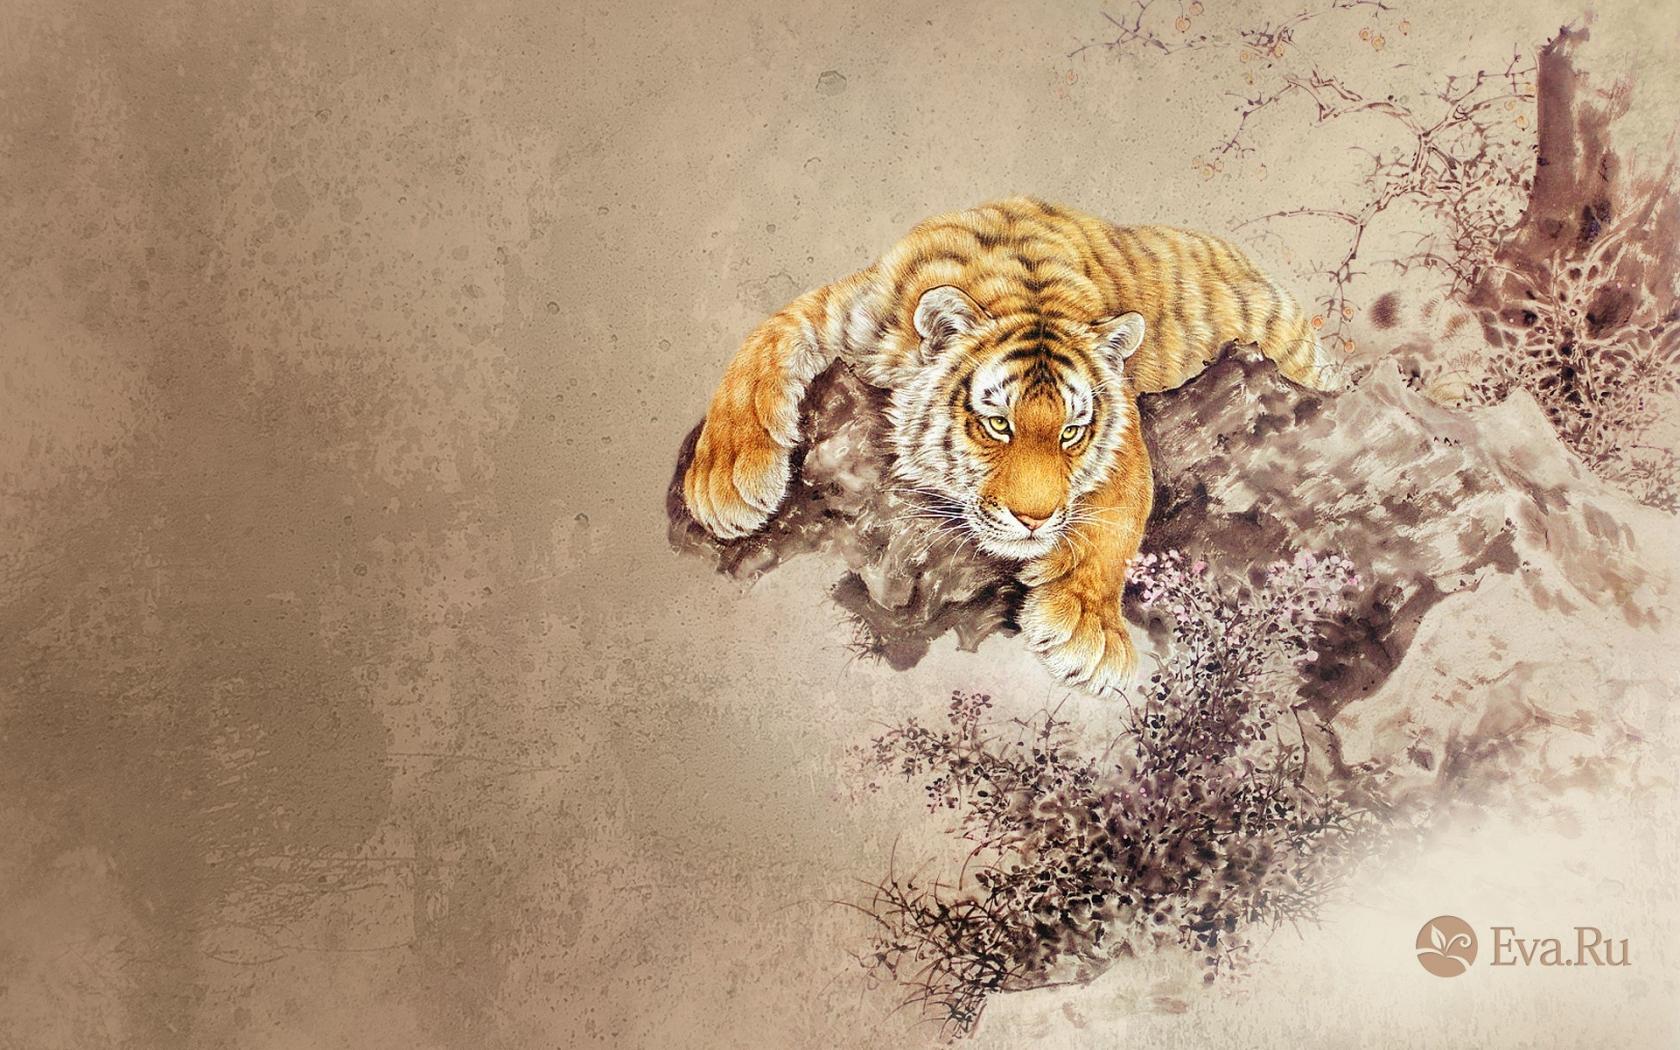 Dibujo de un tigre - 1680x1050